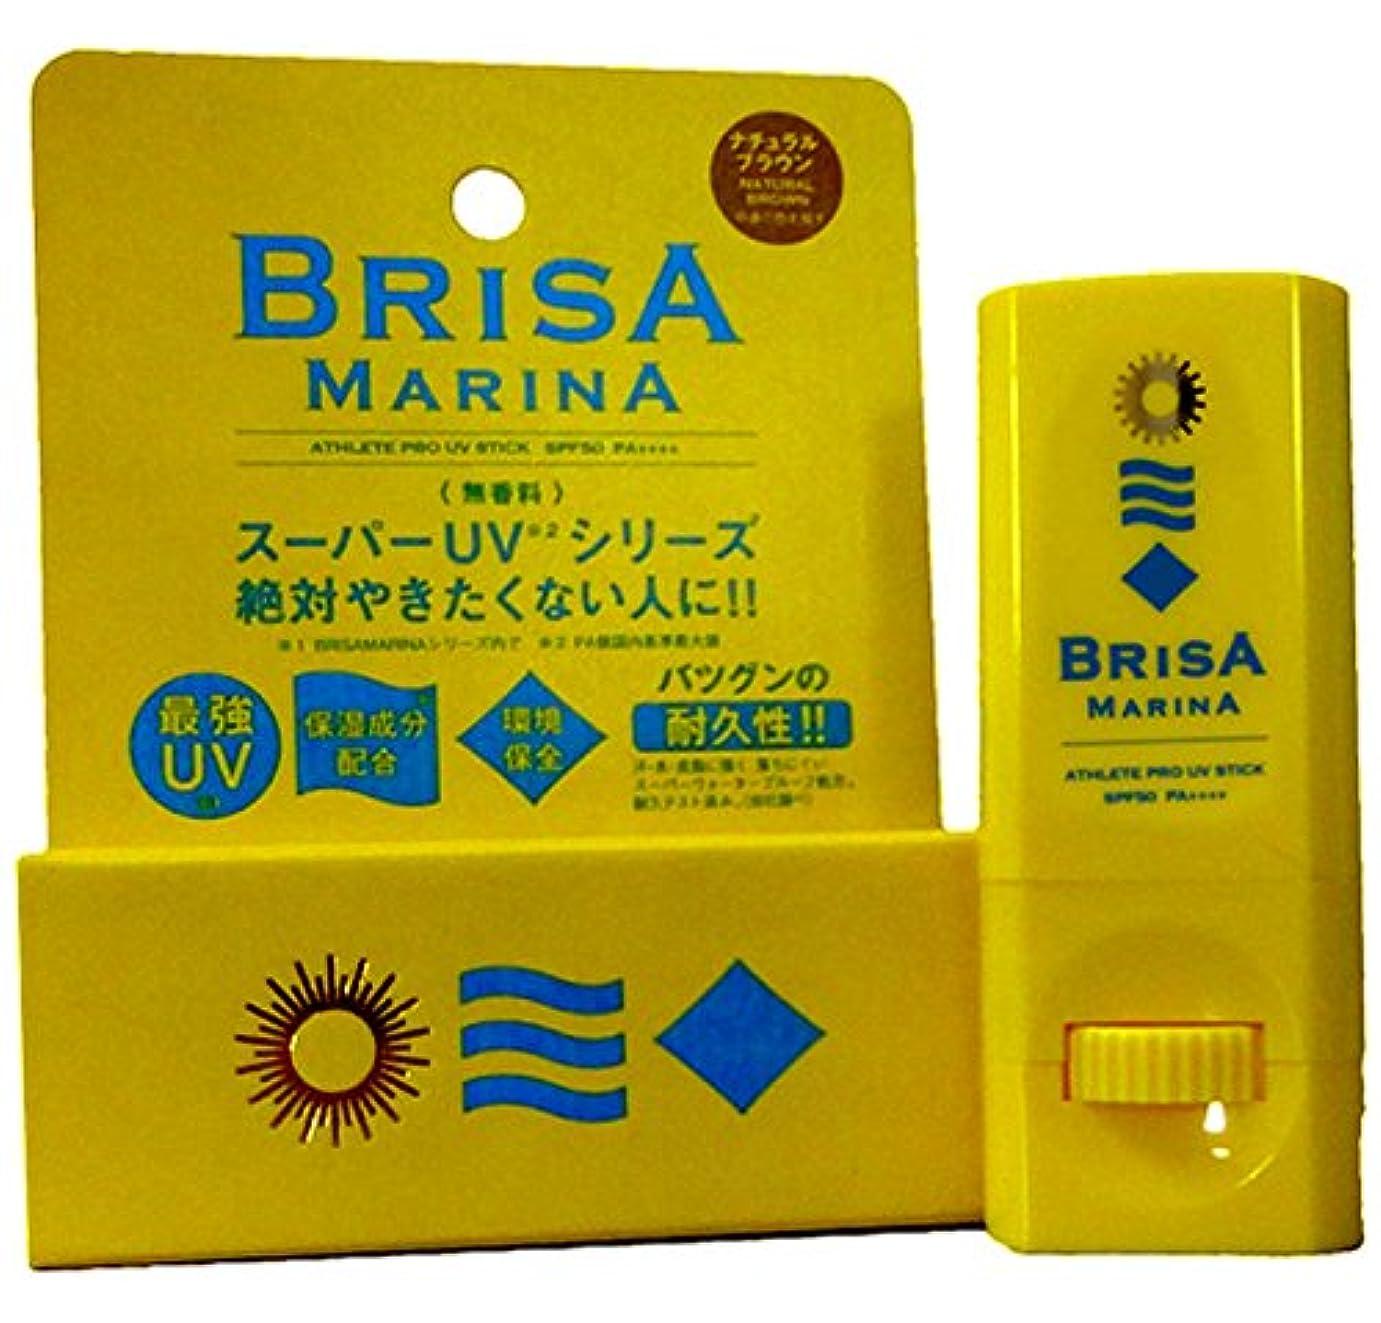 退屈な成分バルーンBRISA MARINA(ブリサマリーナ) ATHLETE PRO UV STICK 10g 日焼け止め スティック (01-WHITE)